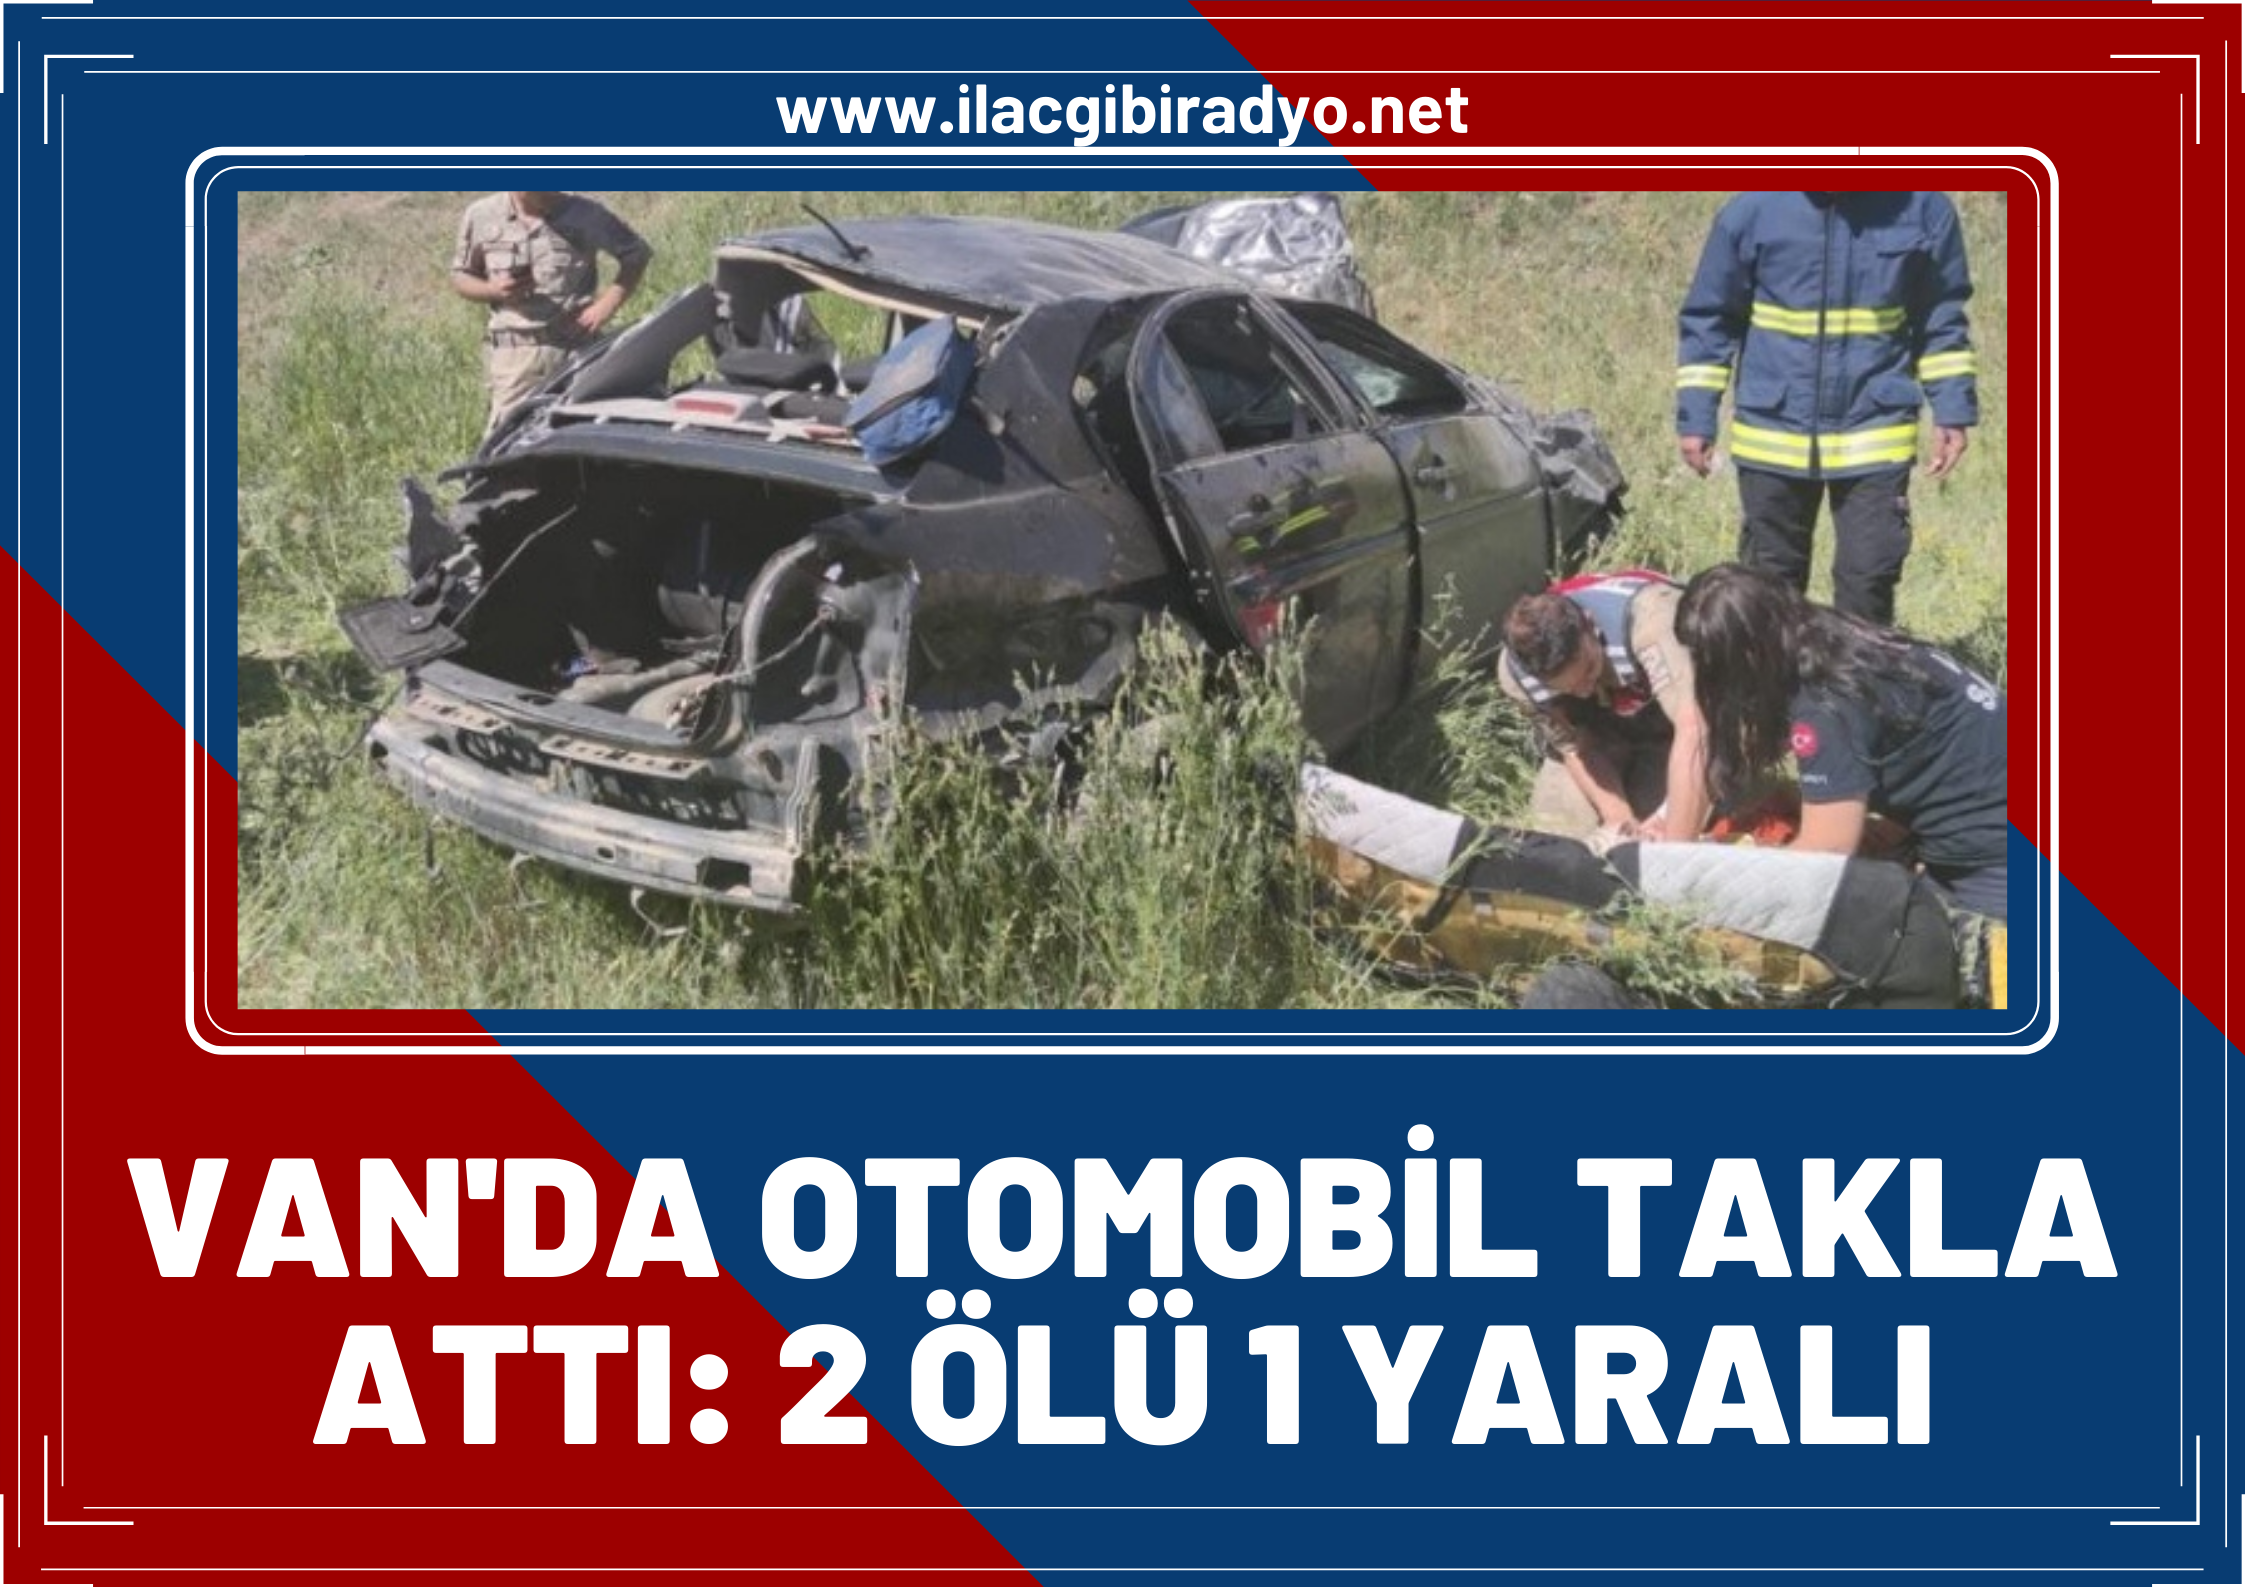 Van'da otomobil takla attı: 2 ölü, 1 yaralı!